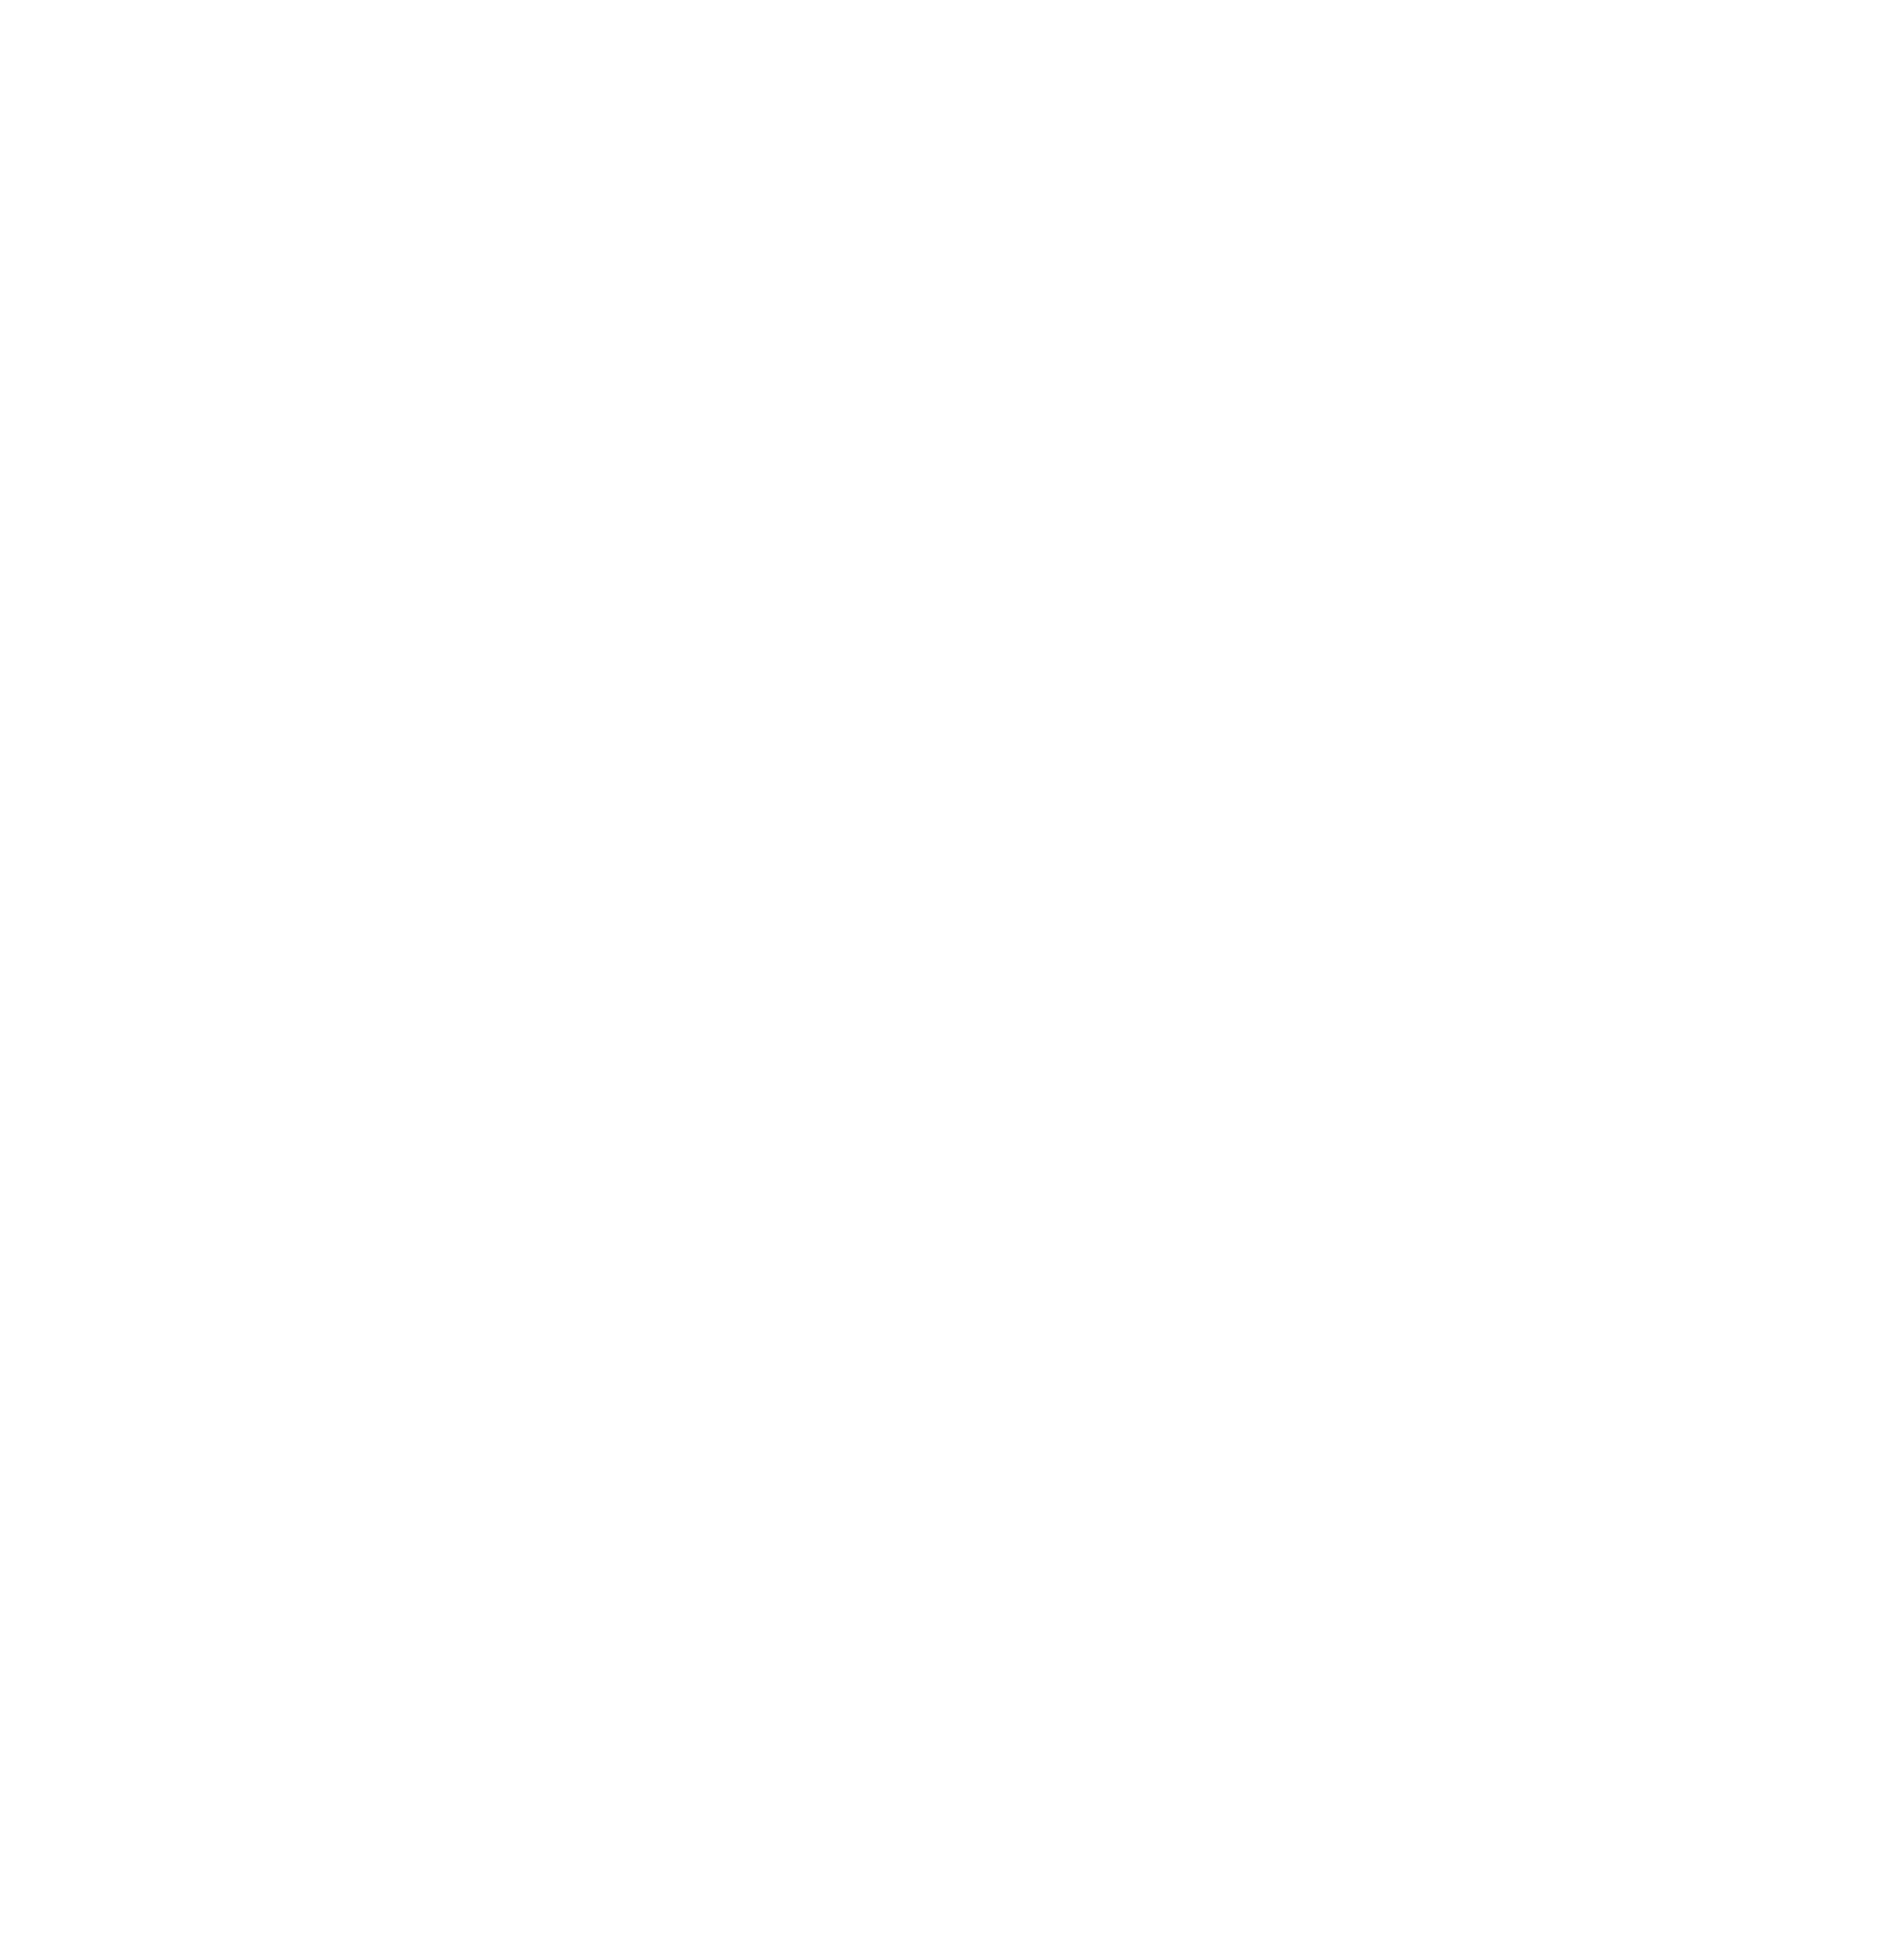 LOGO APAPACHO CACAO-01